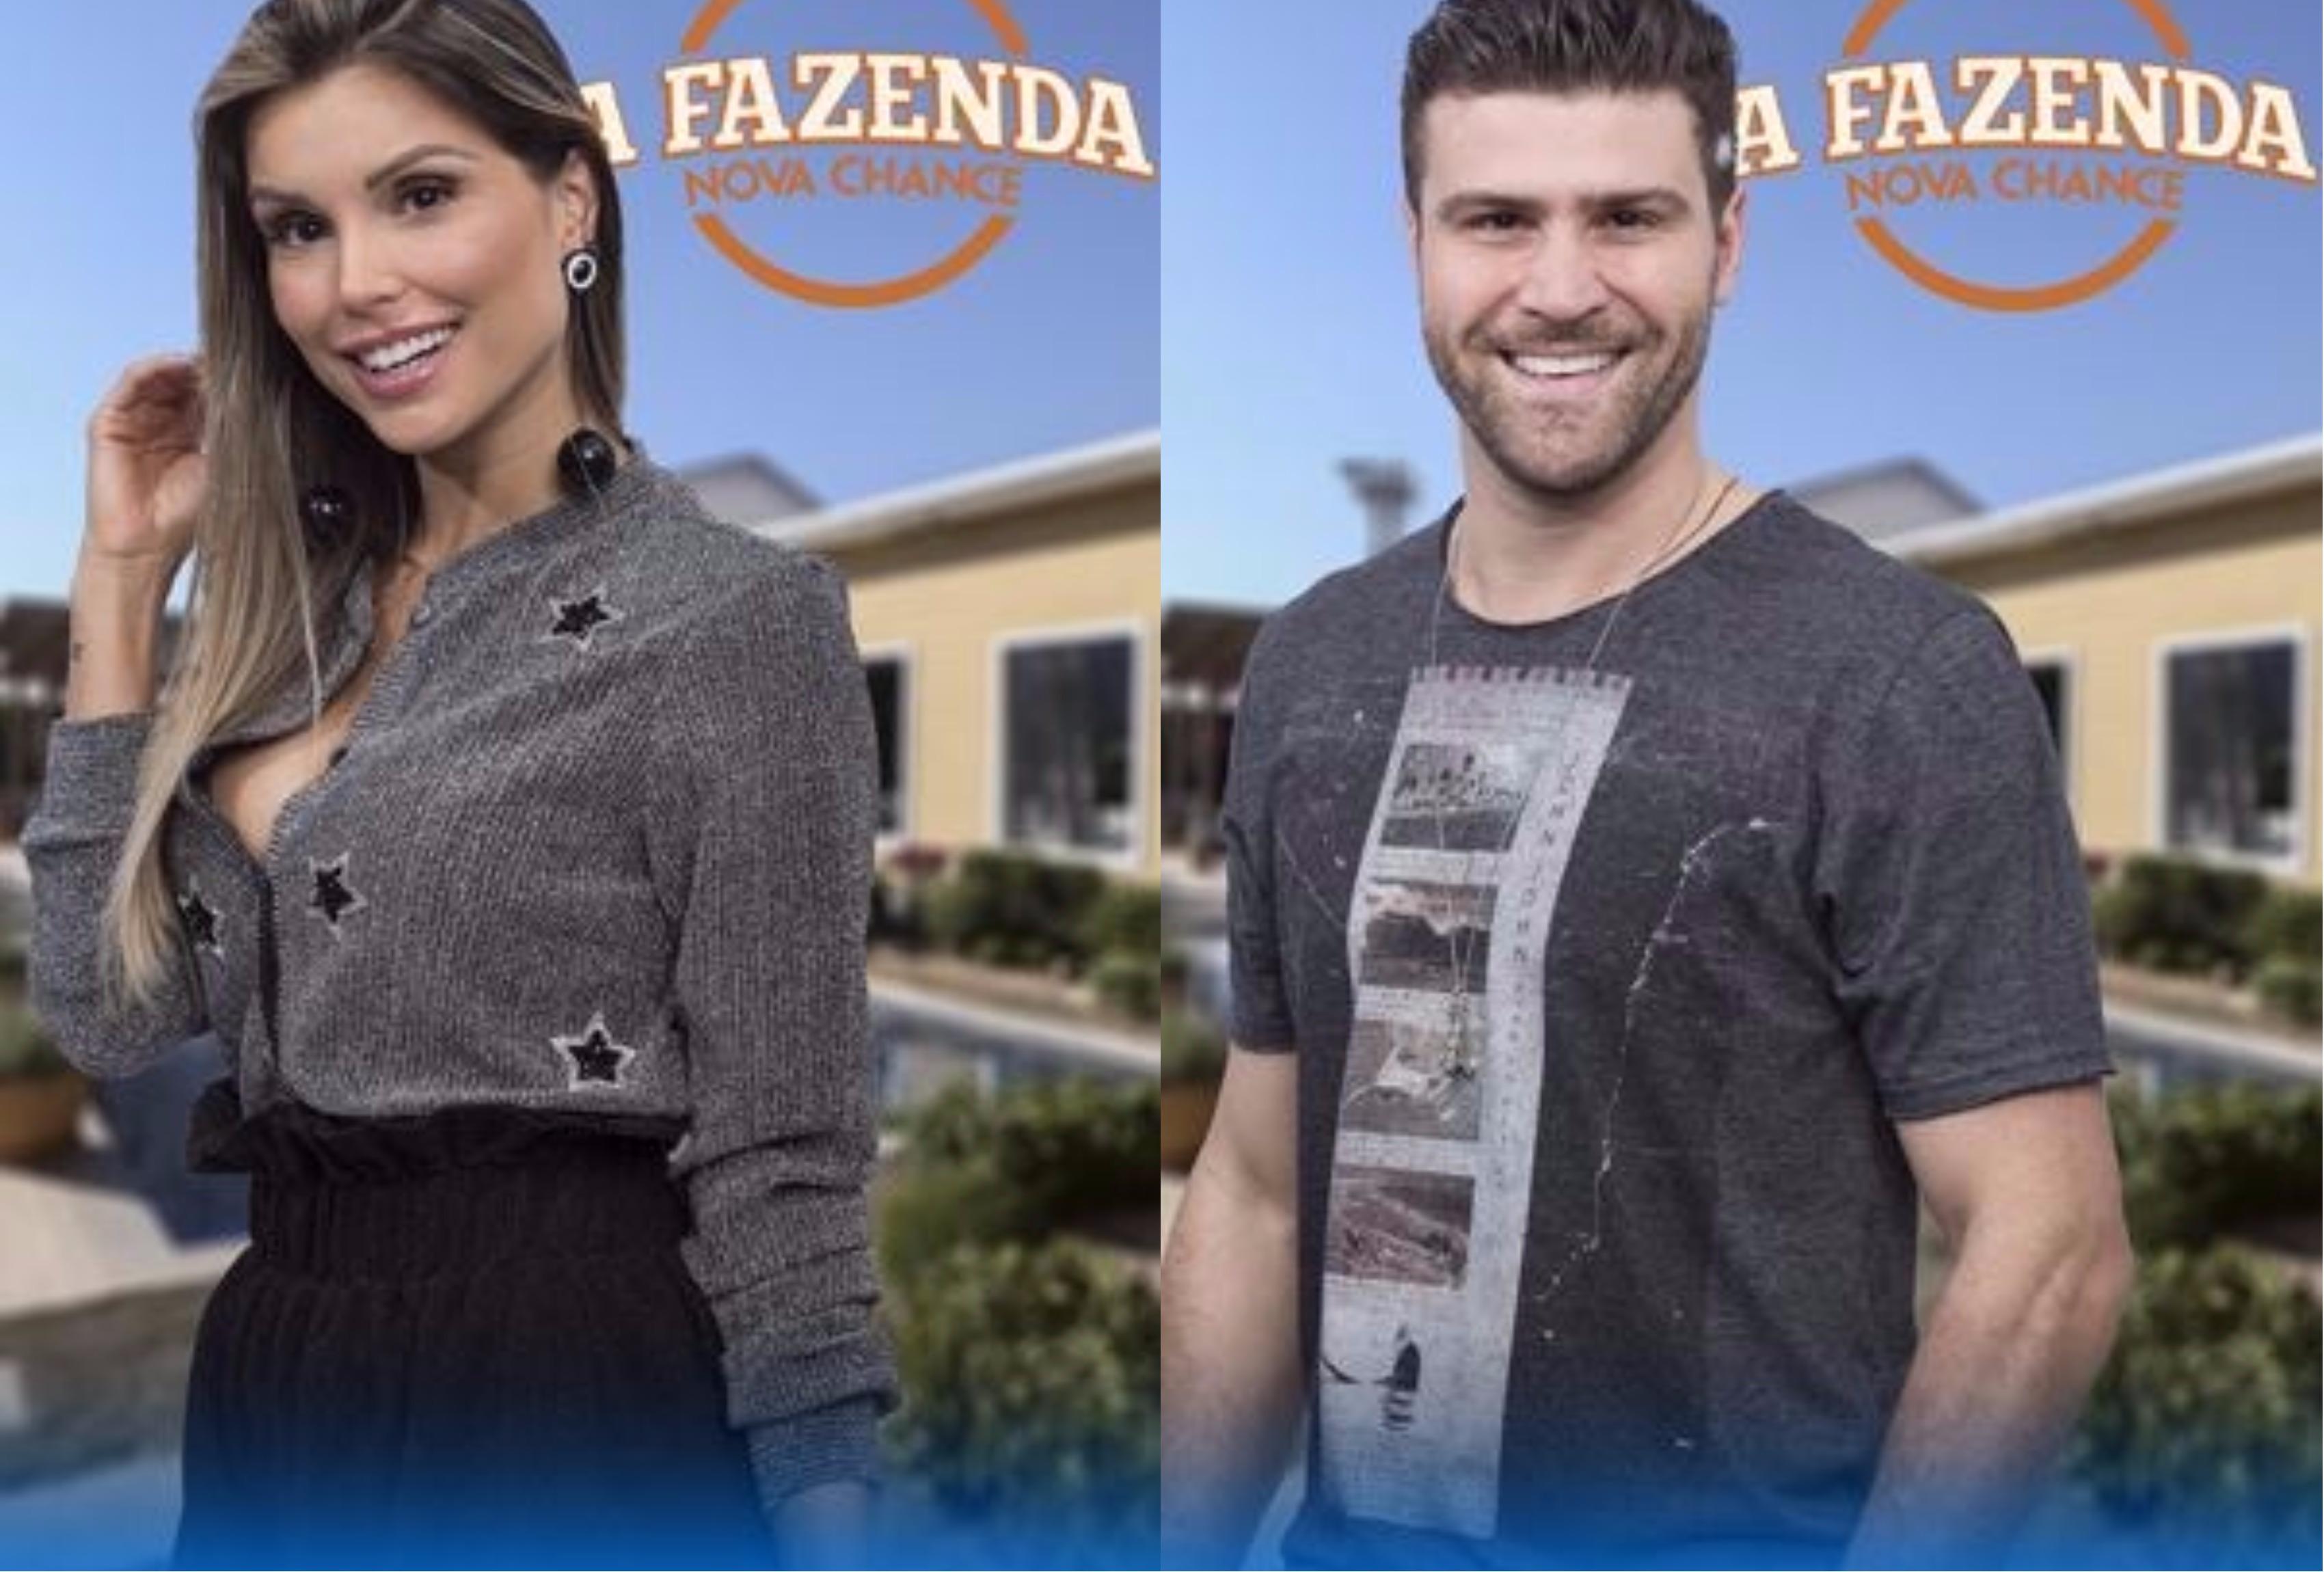 Flavia Vianna e Marcelo Ié Ié disputam permanência na Fazenda (Foto montagem: TV Foco)